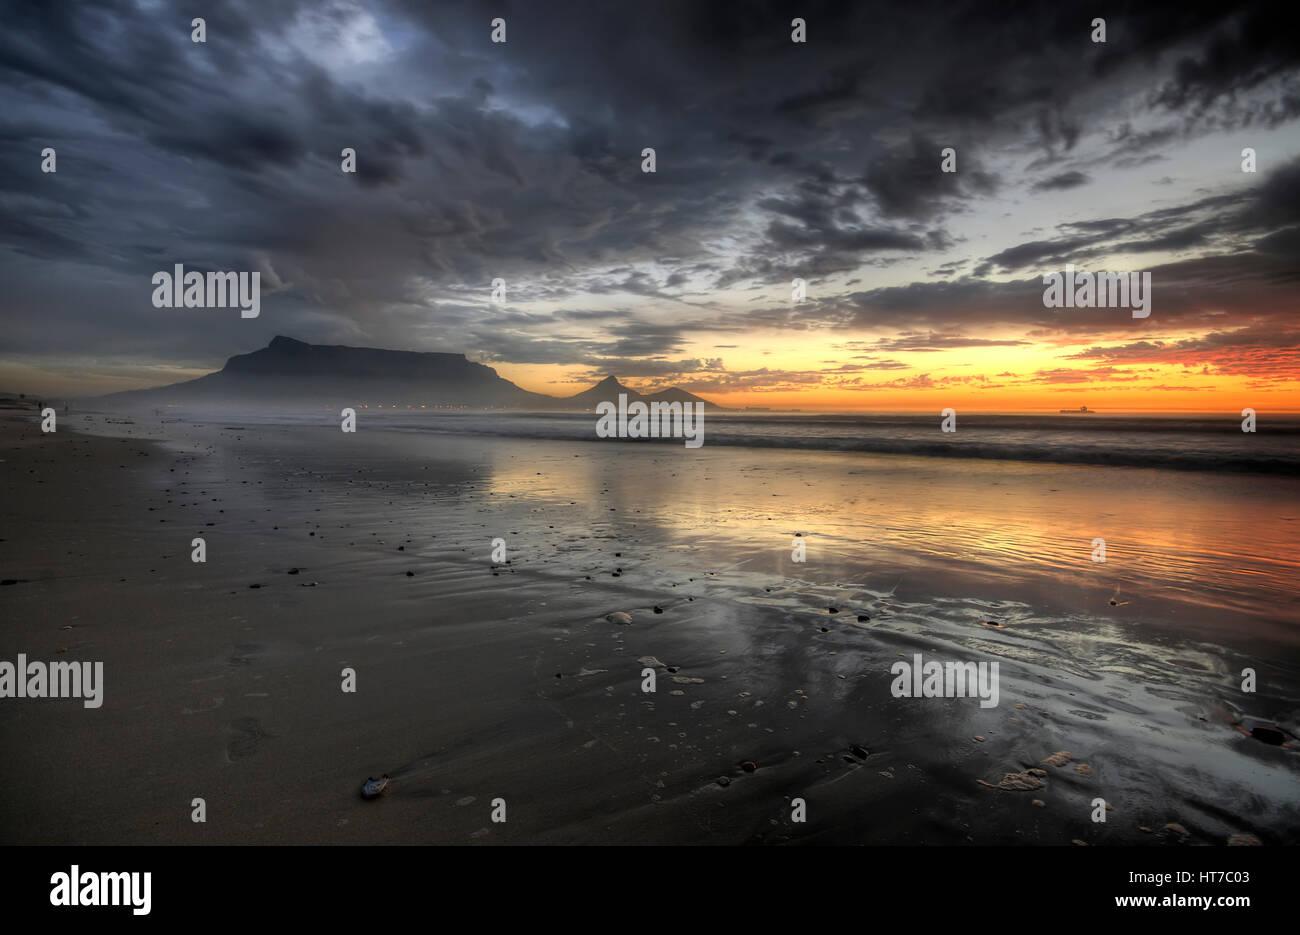 Table Mountain Sunset Beach Stock Photo